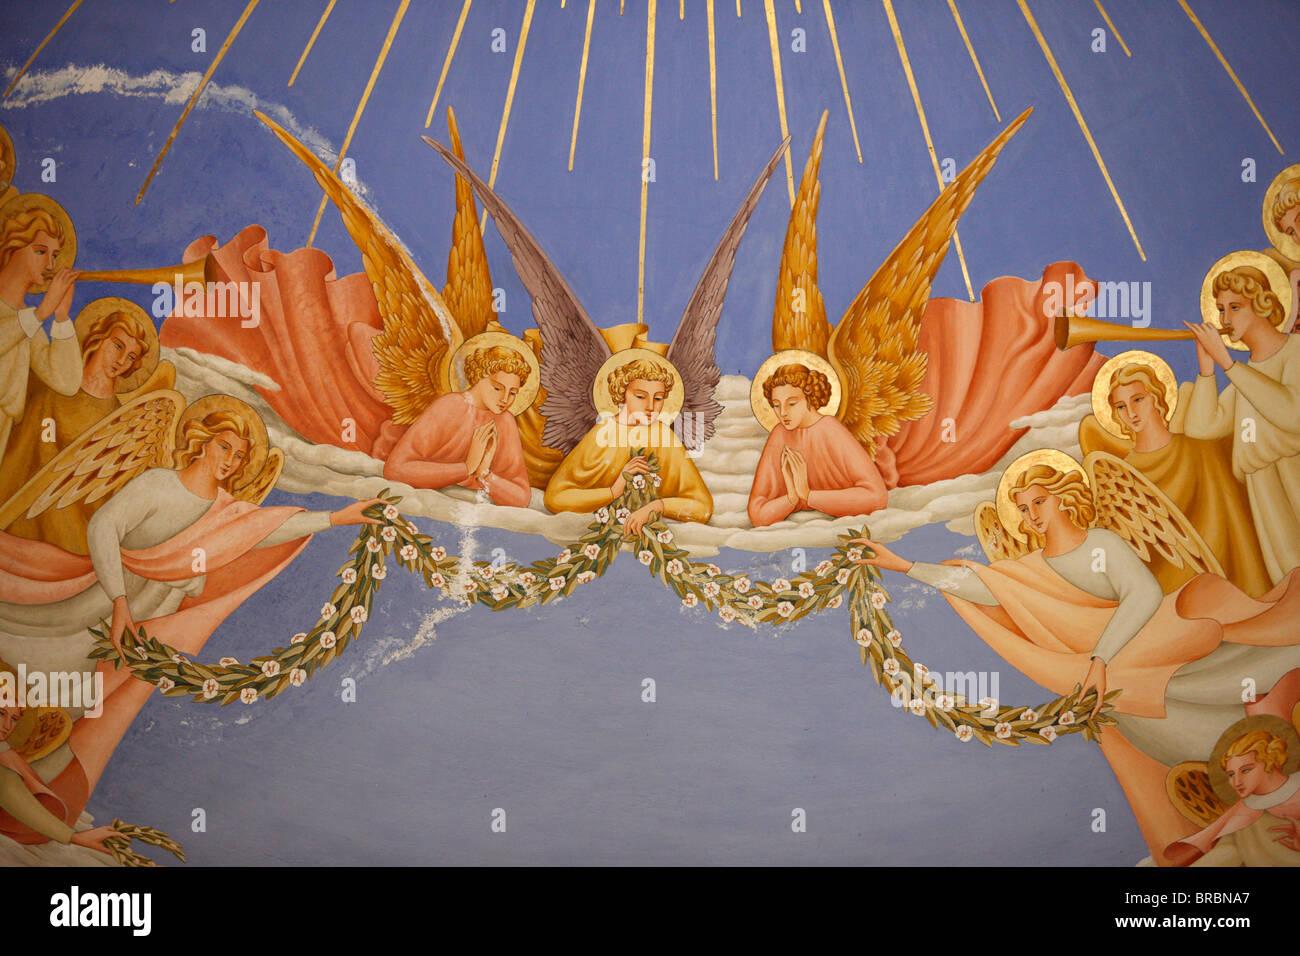 Detalle de los ángeles en un fresco en la iglesia de la Visitación en Ein Kerem, Israel Imagen De Stock